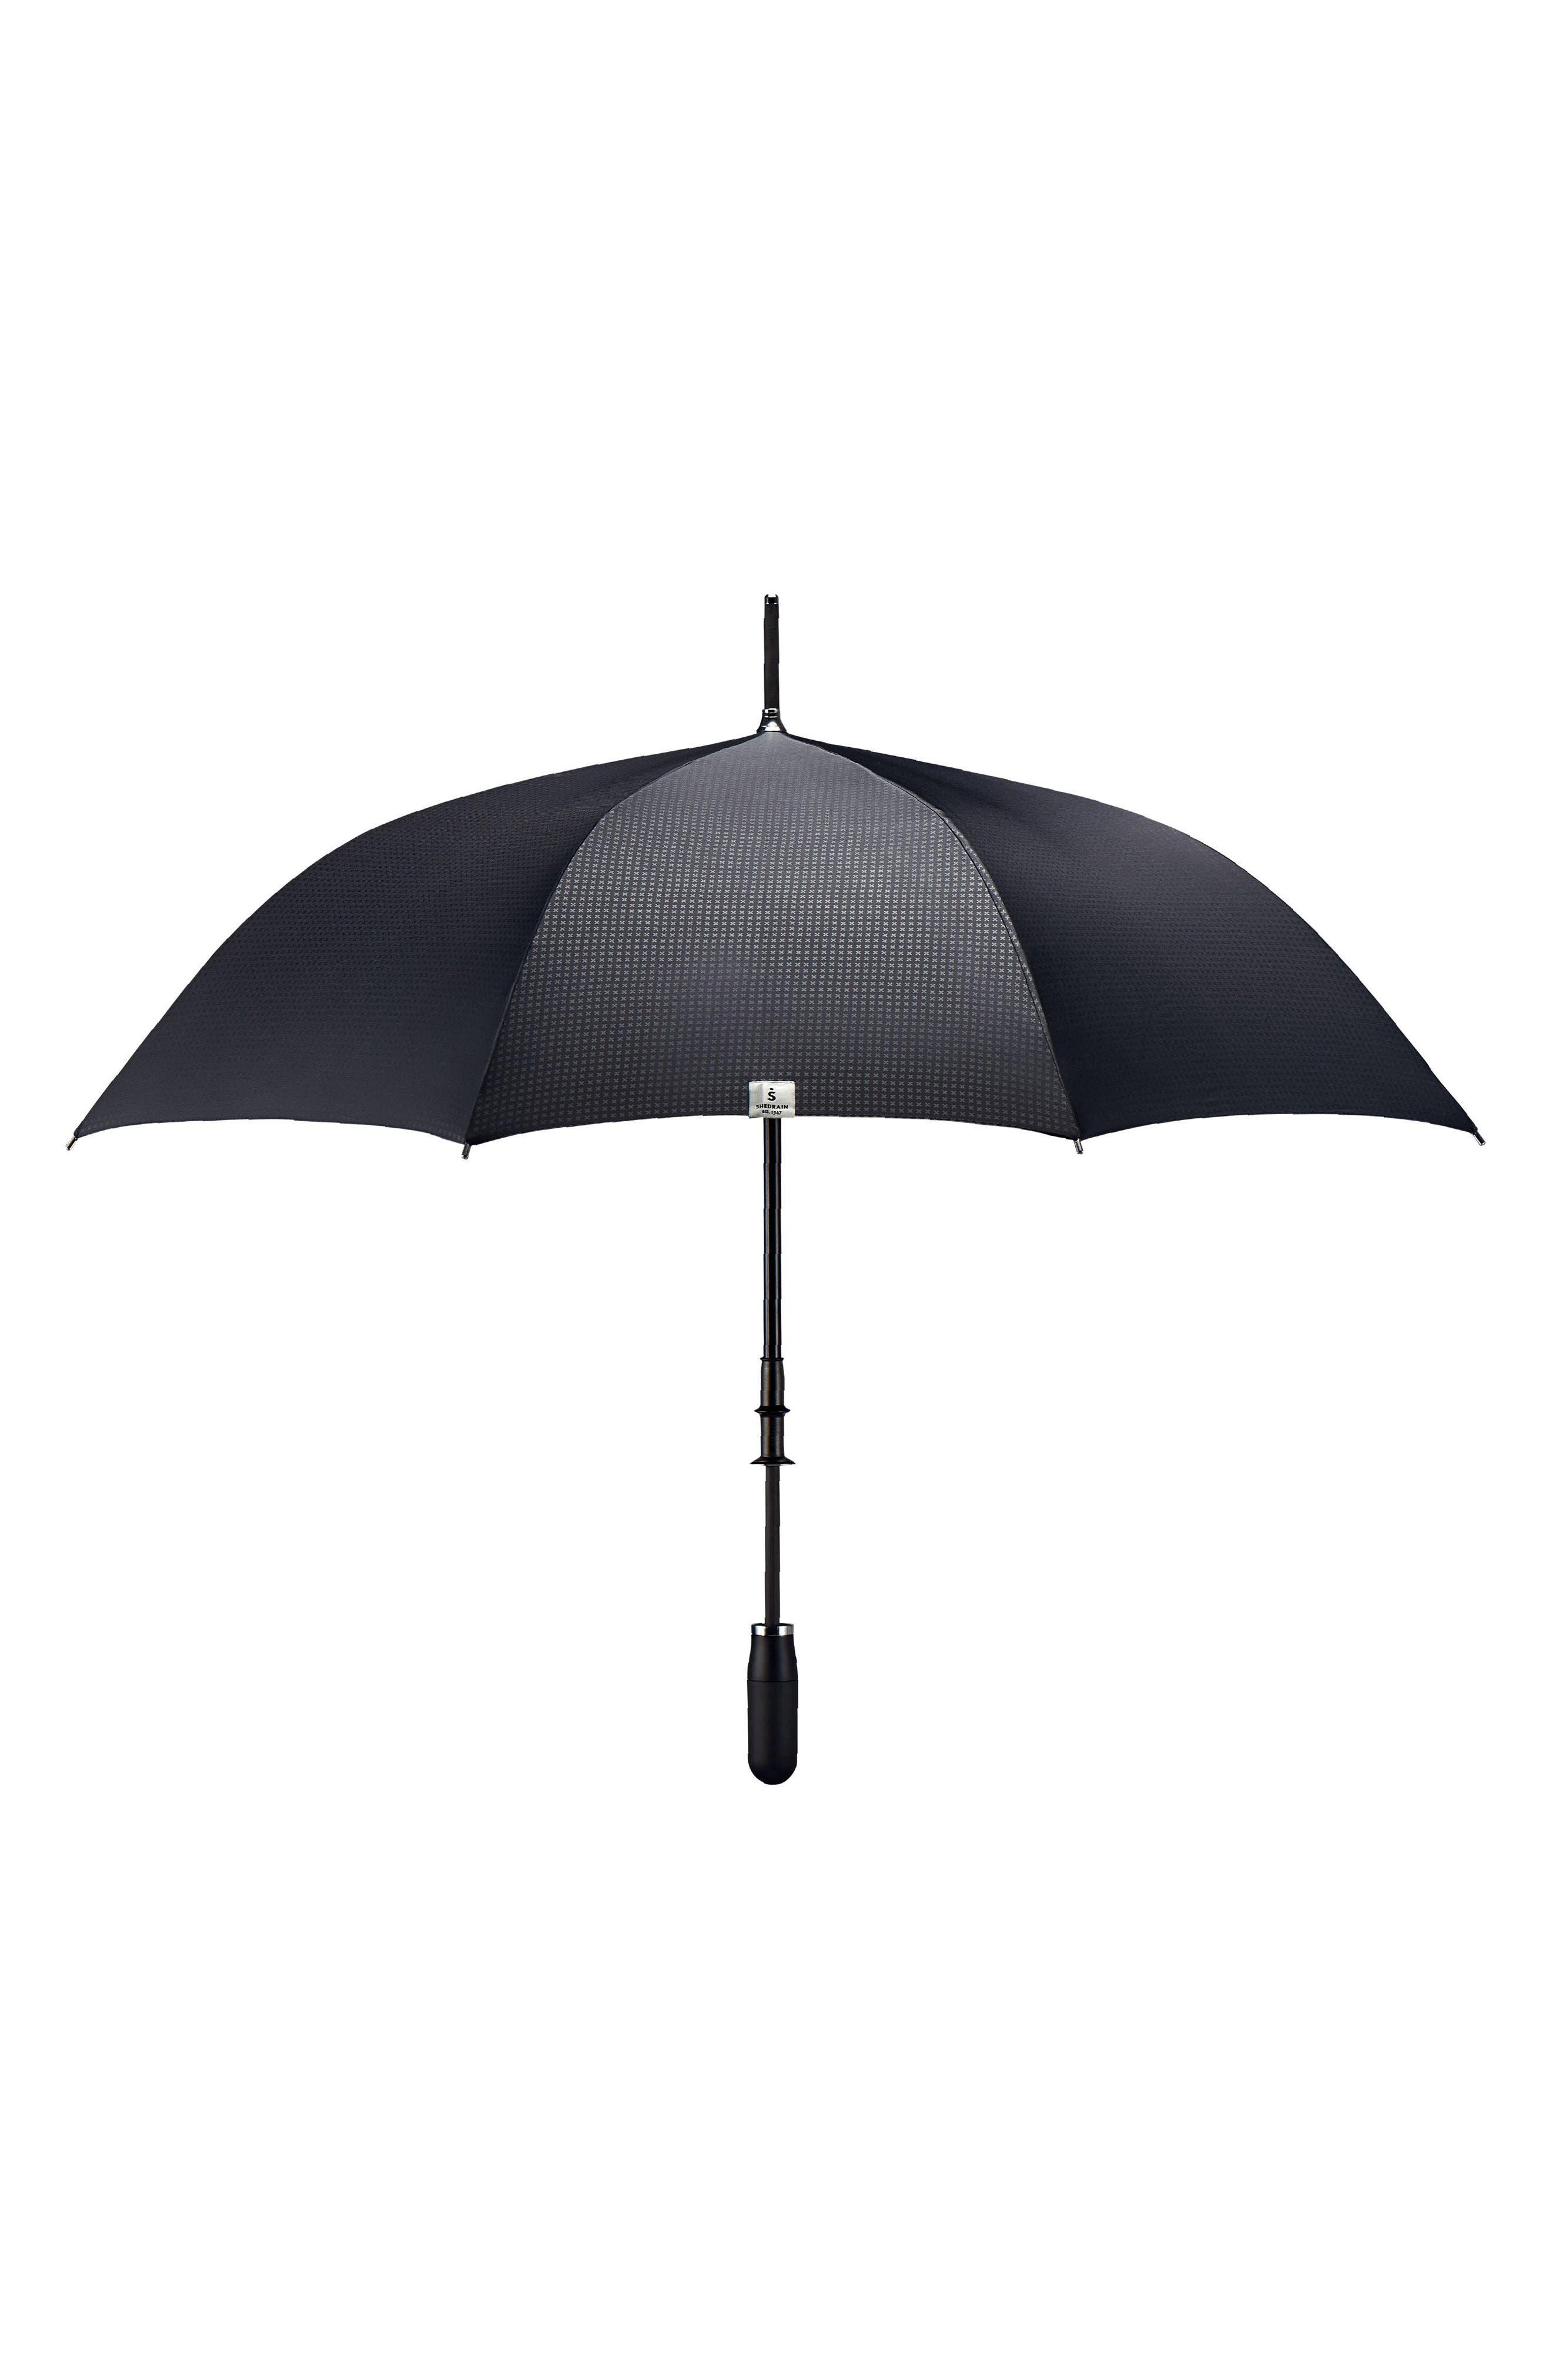 Stratus Auto Open Stick Umbrella,                             Alternate thumbnail 5, color,